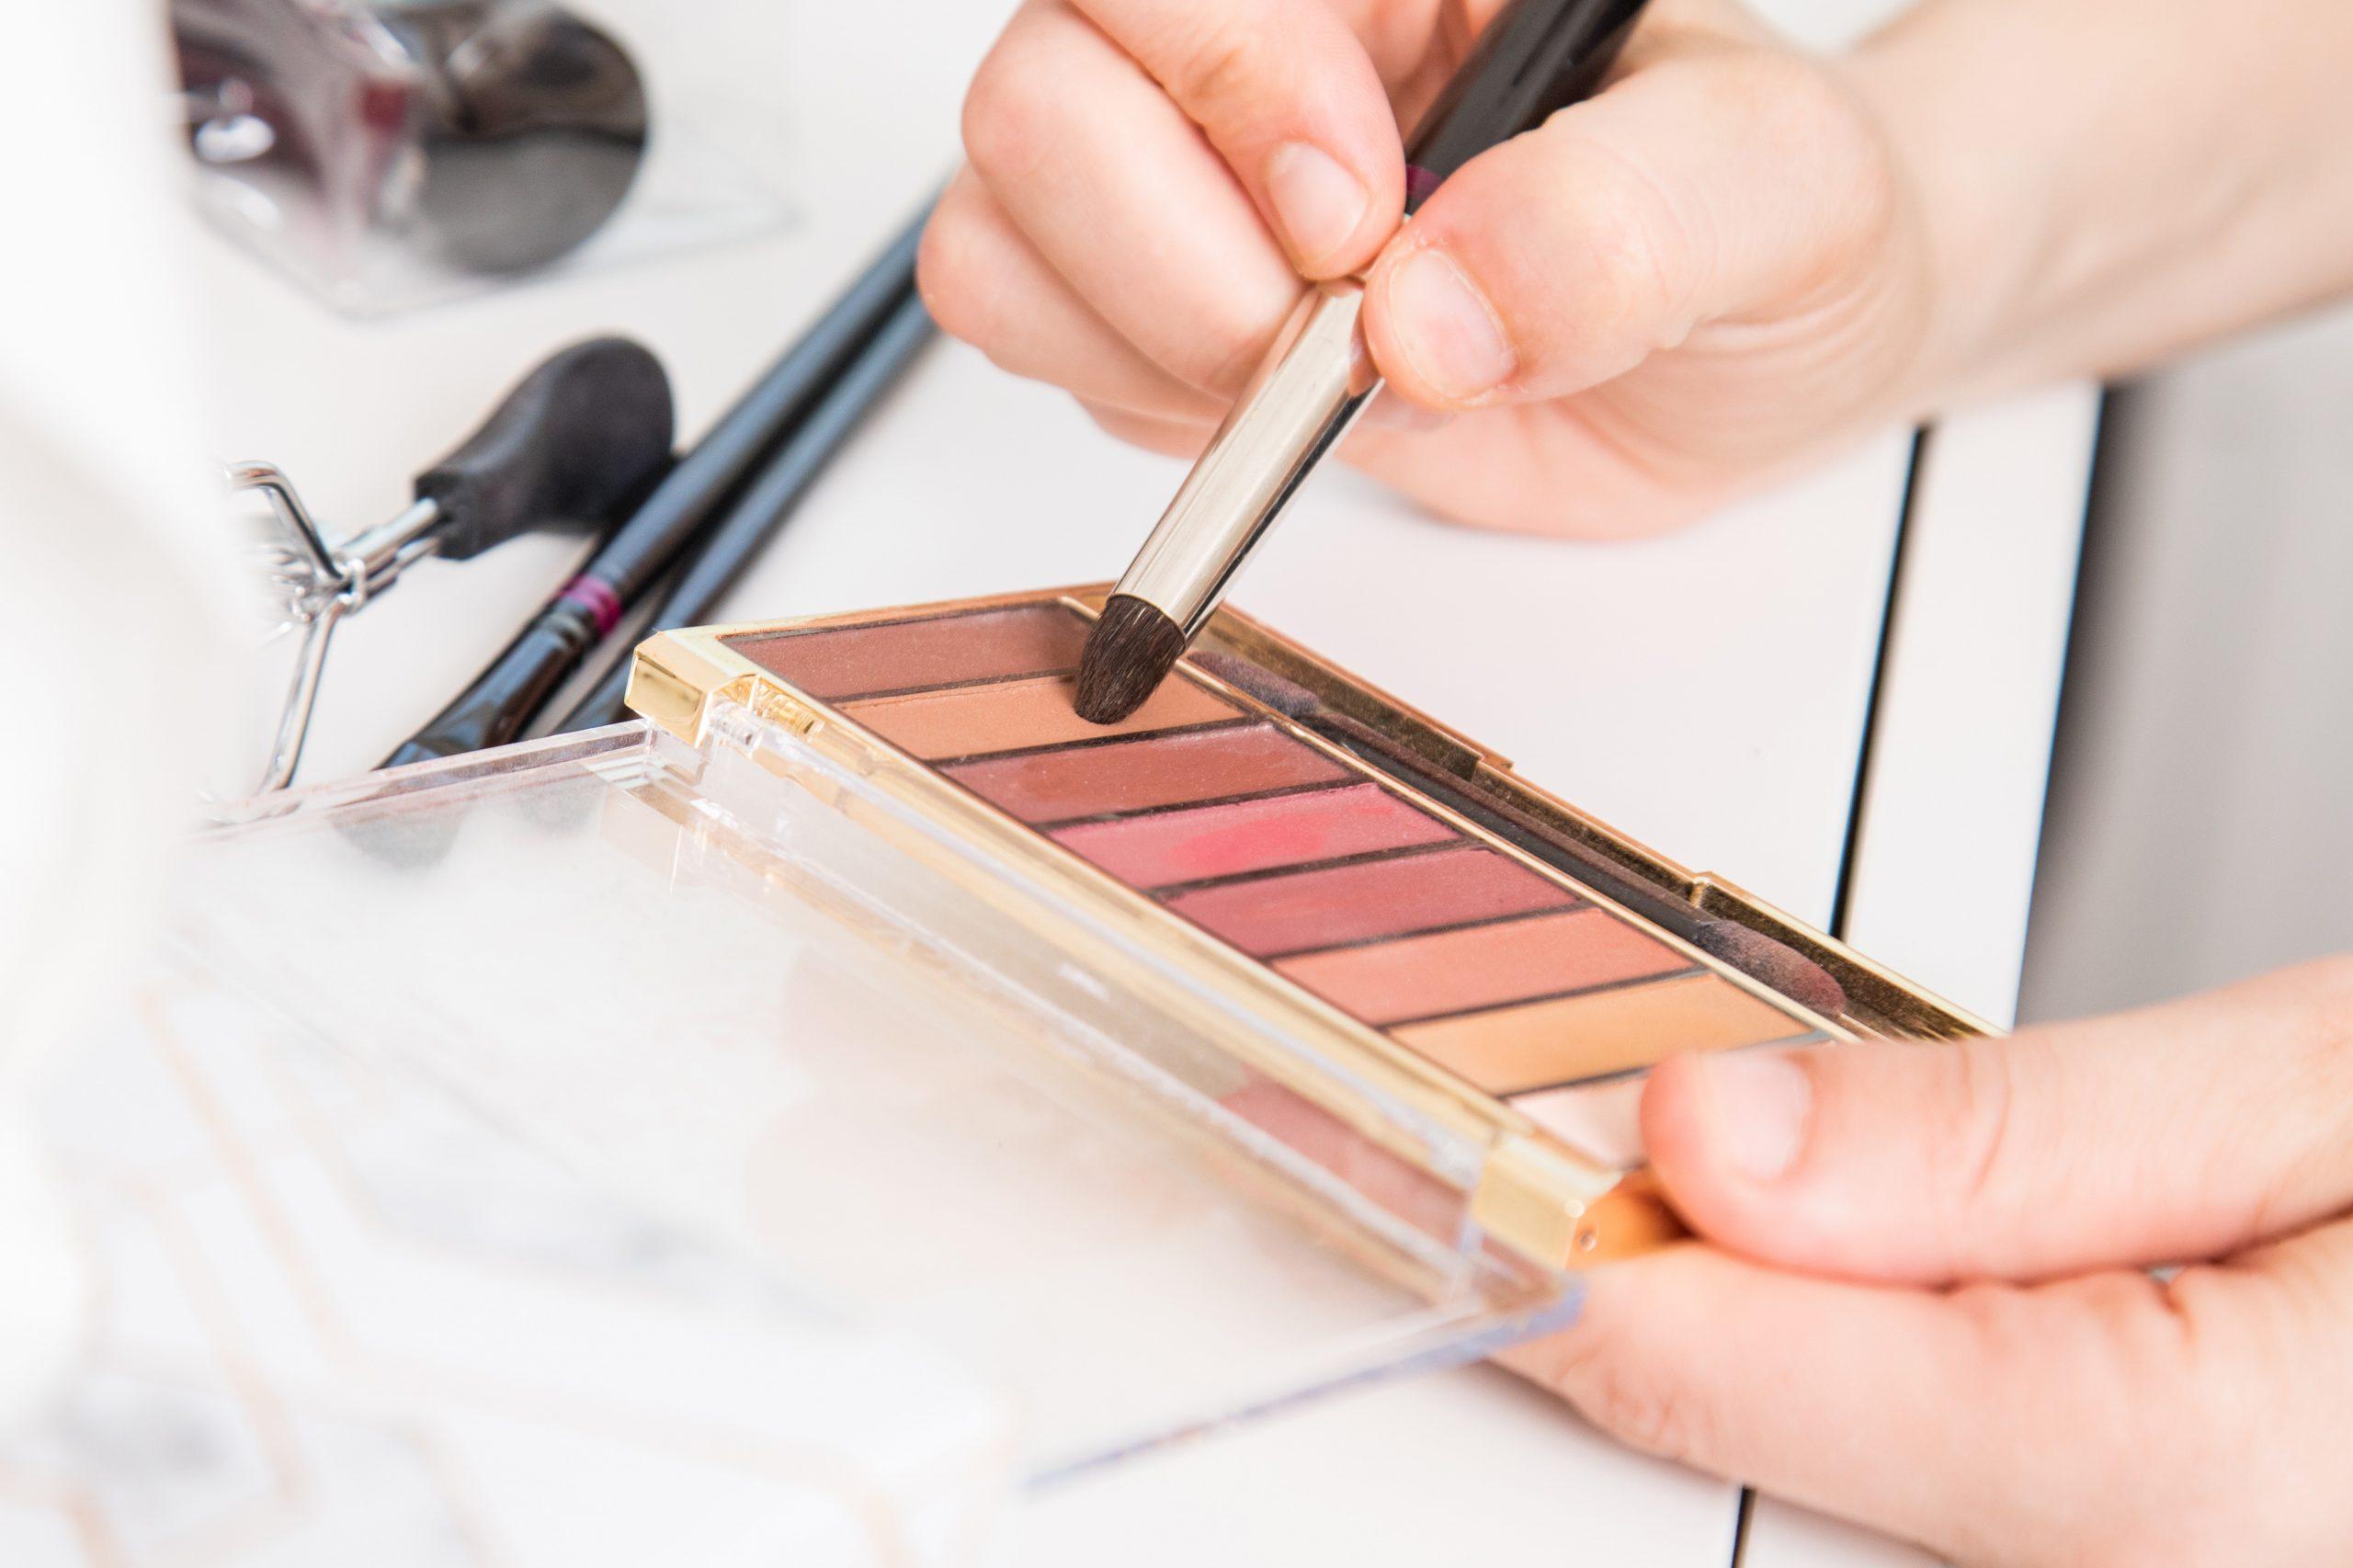 ¿Cómo hacer que el maquillaje dure más tiempo?